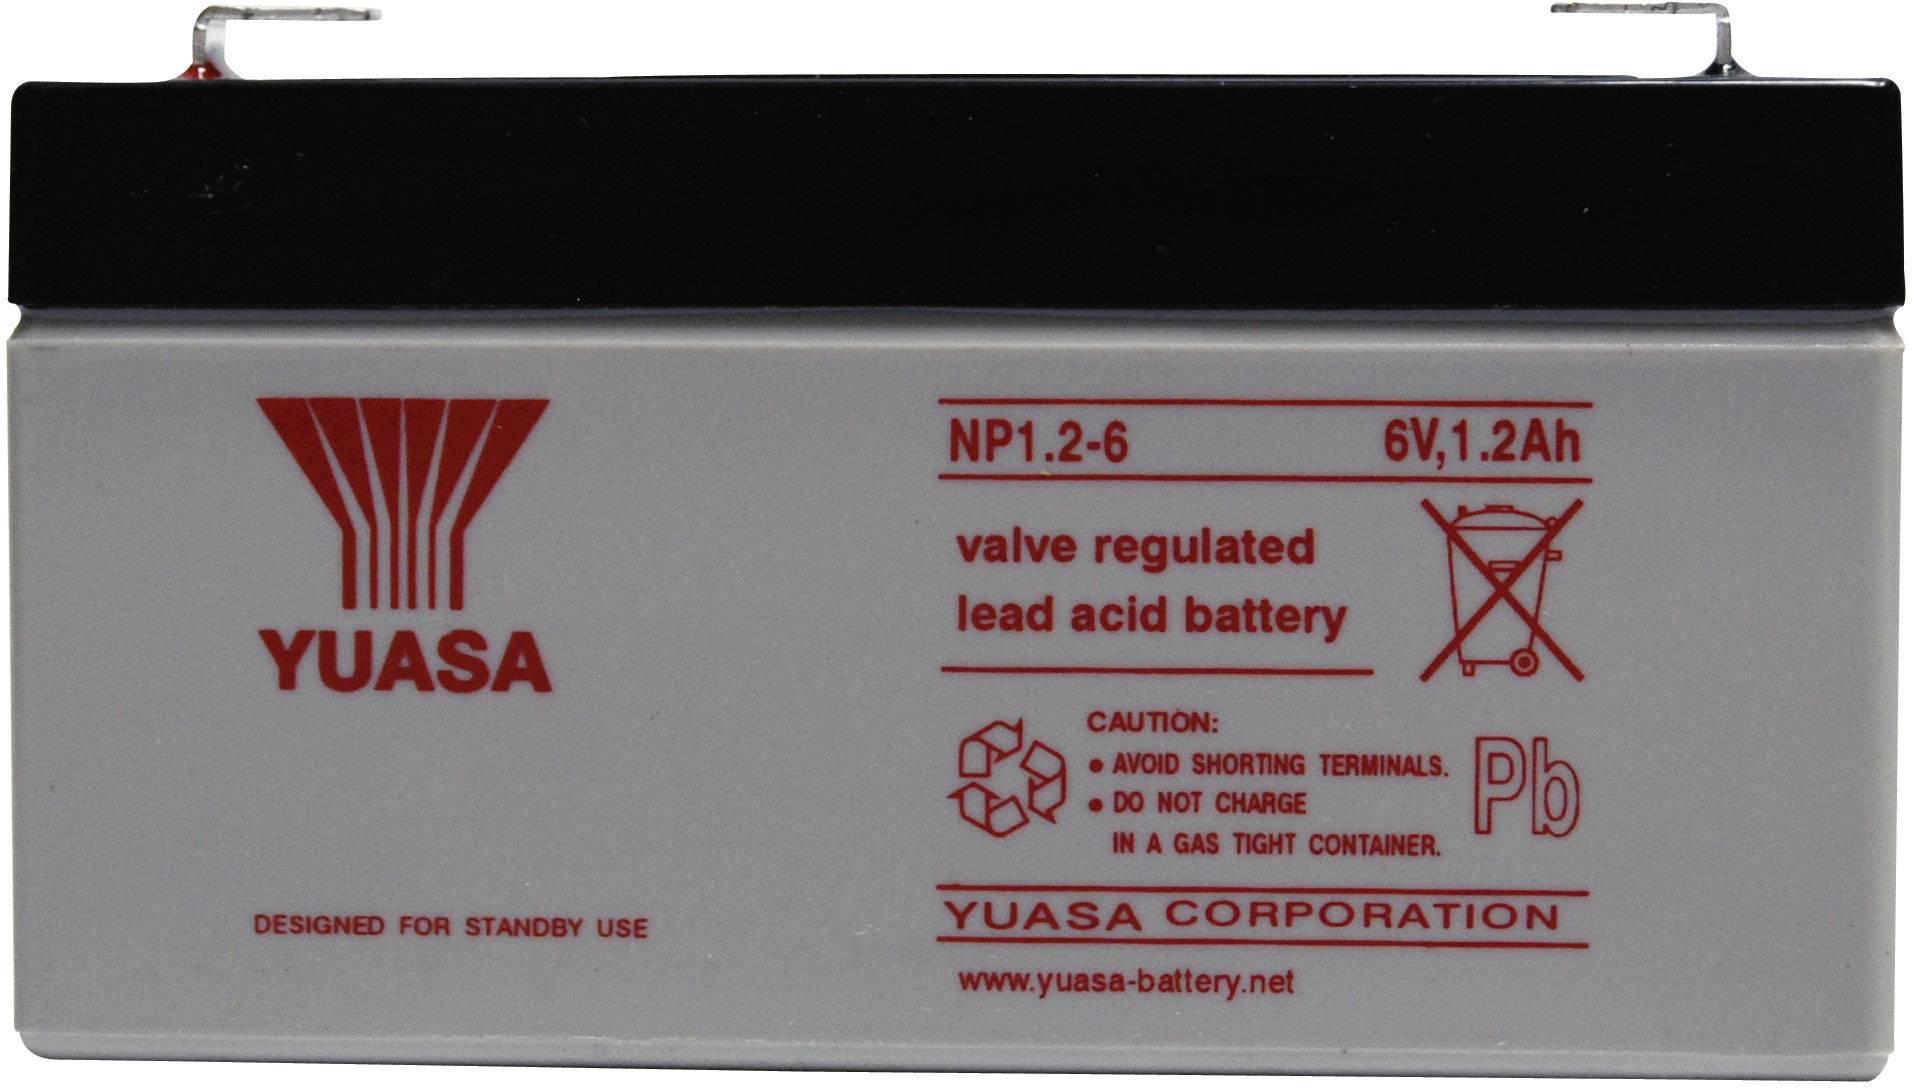 Olovený akumulátor Yuasa NP1.2-6 NP1.2-6, 1.2 Ah, 6 V